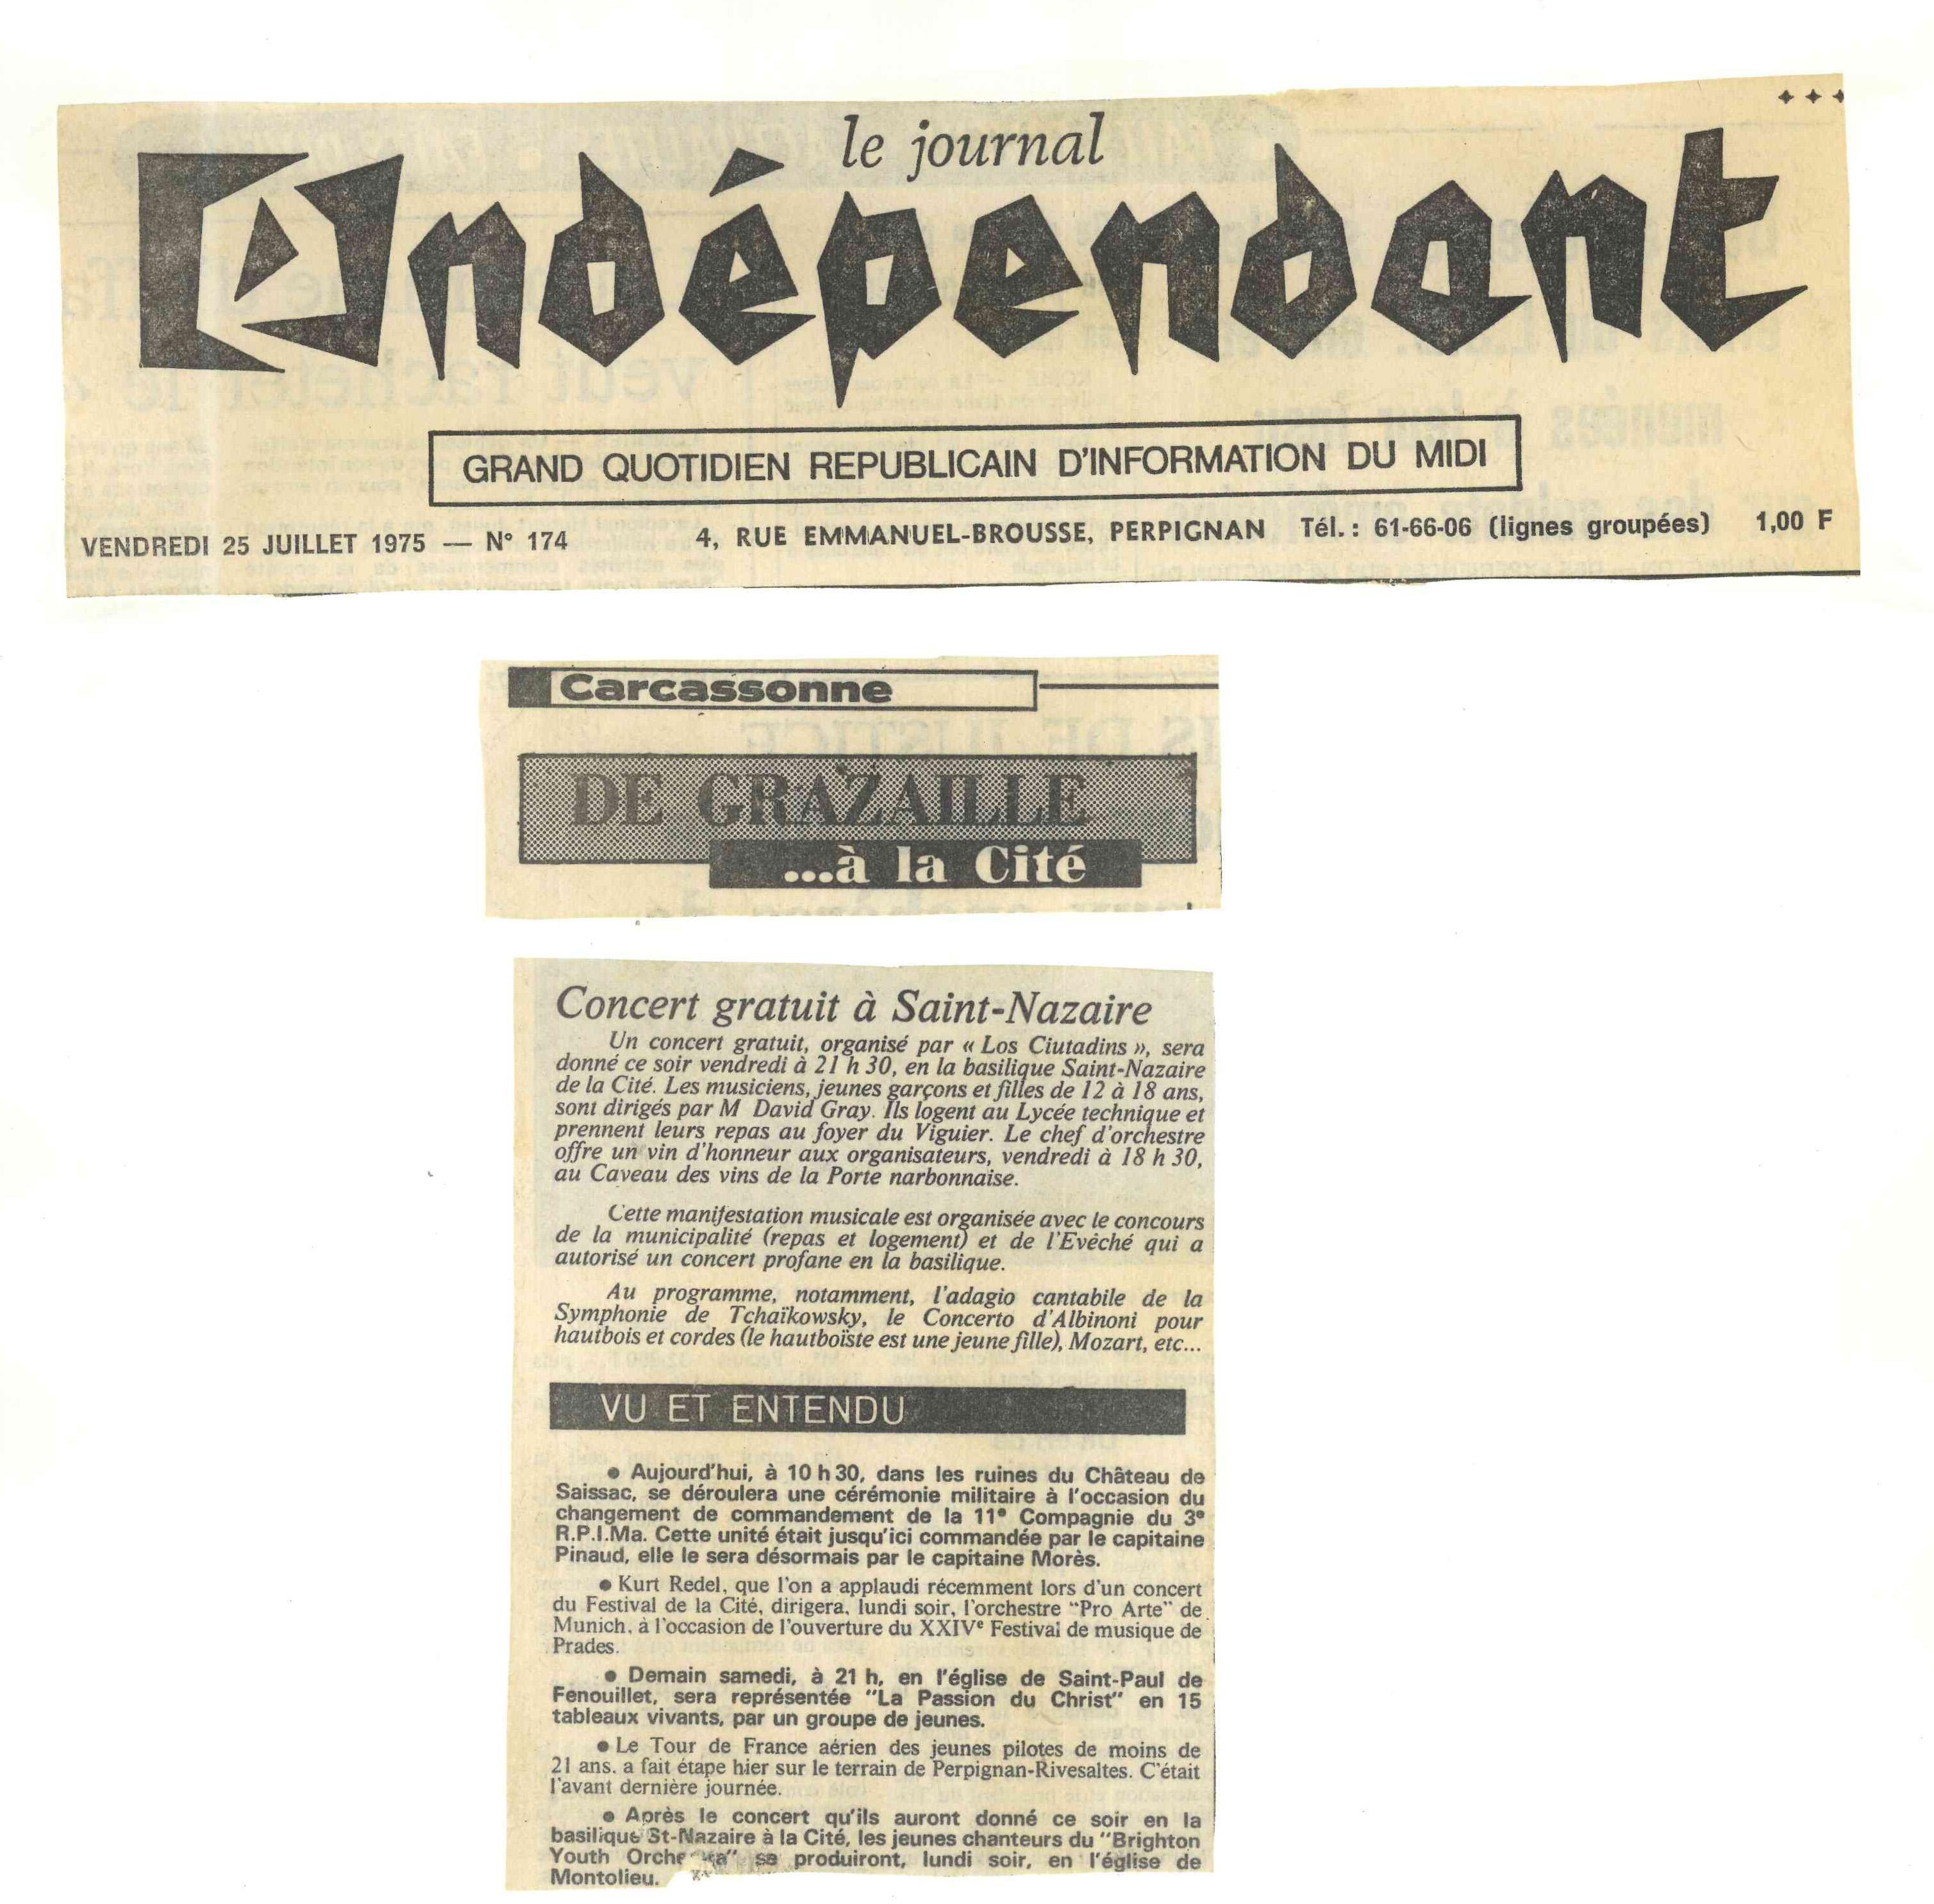 00052-France Concert_3, July 1975.jpg